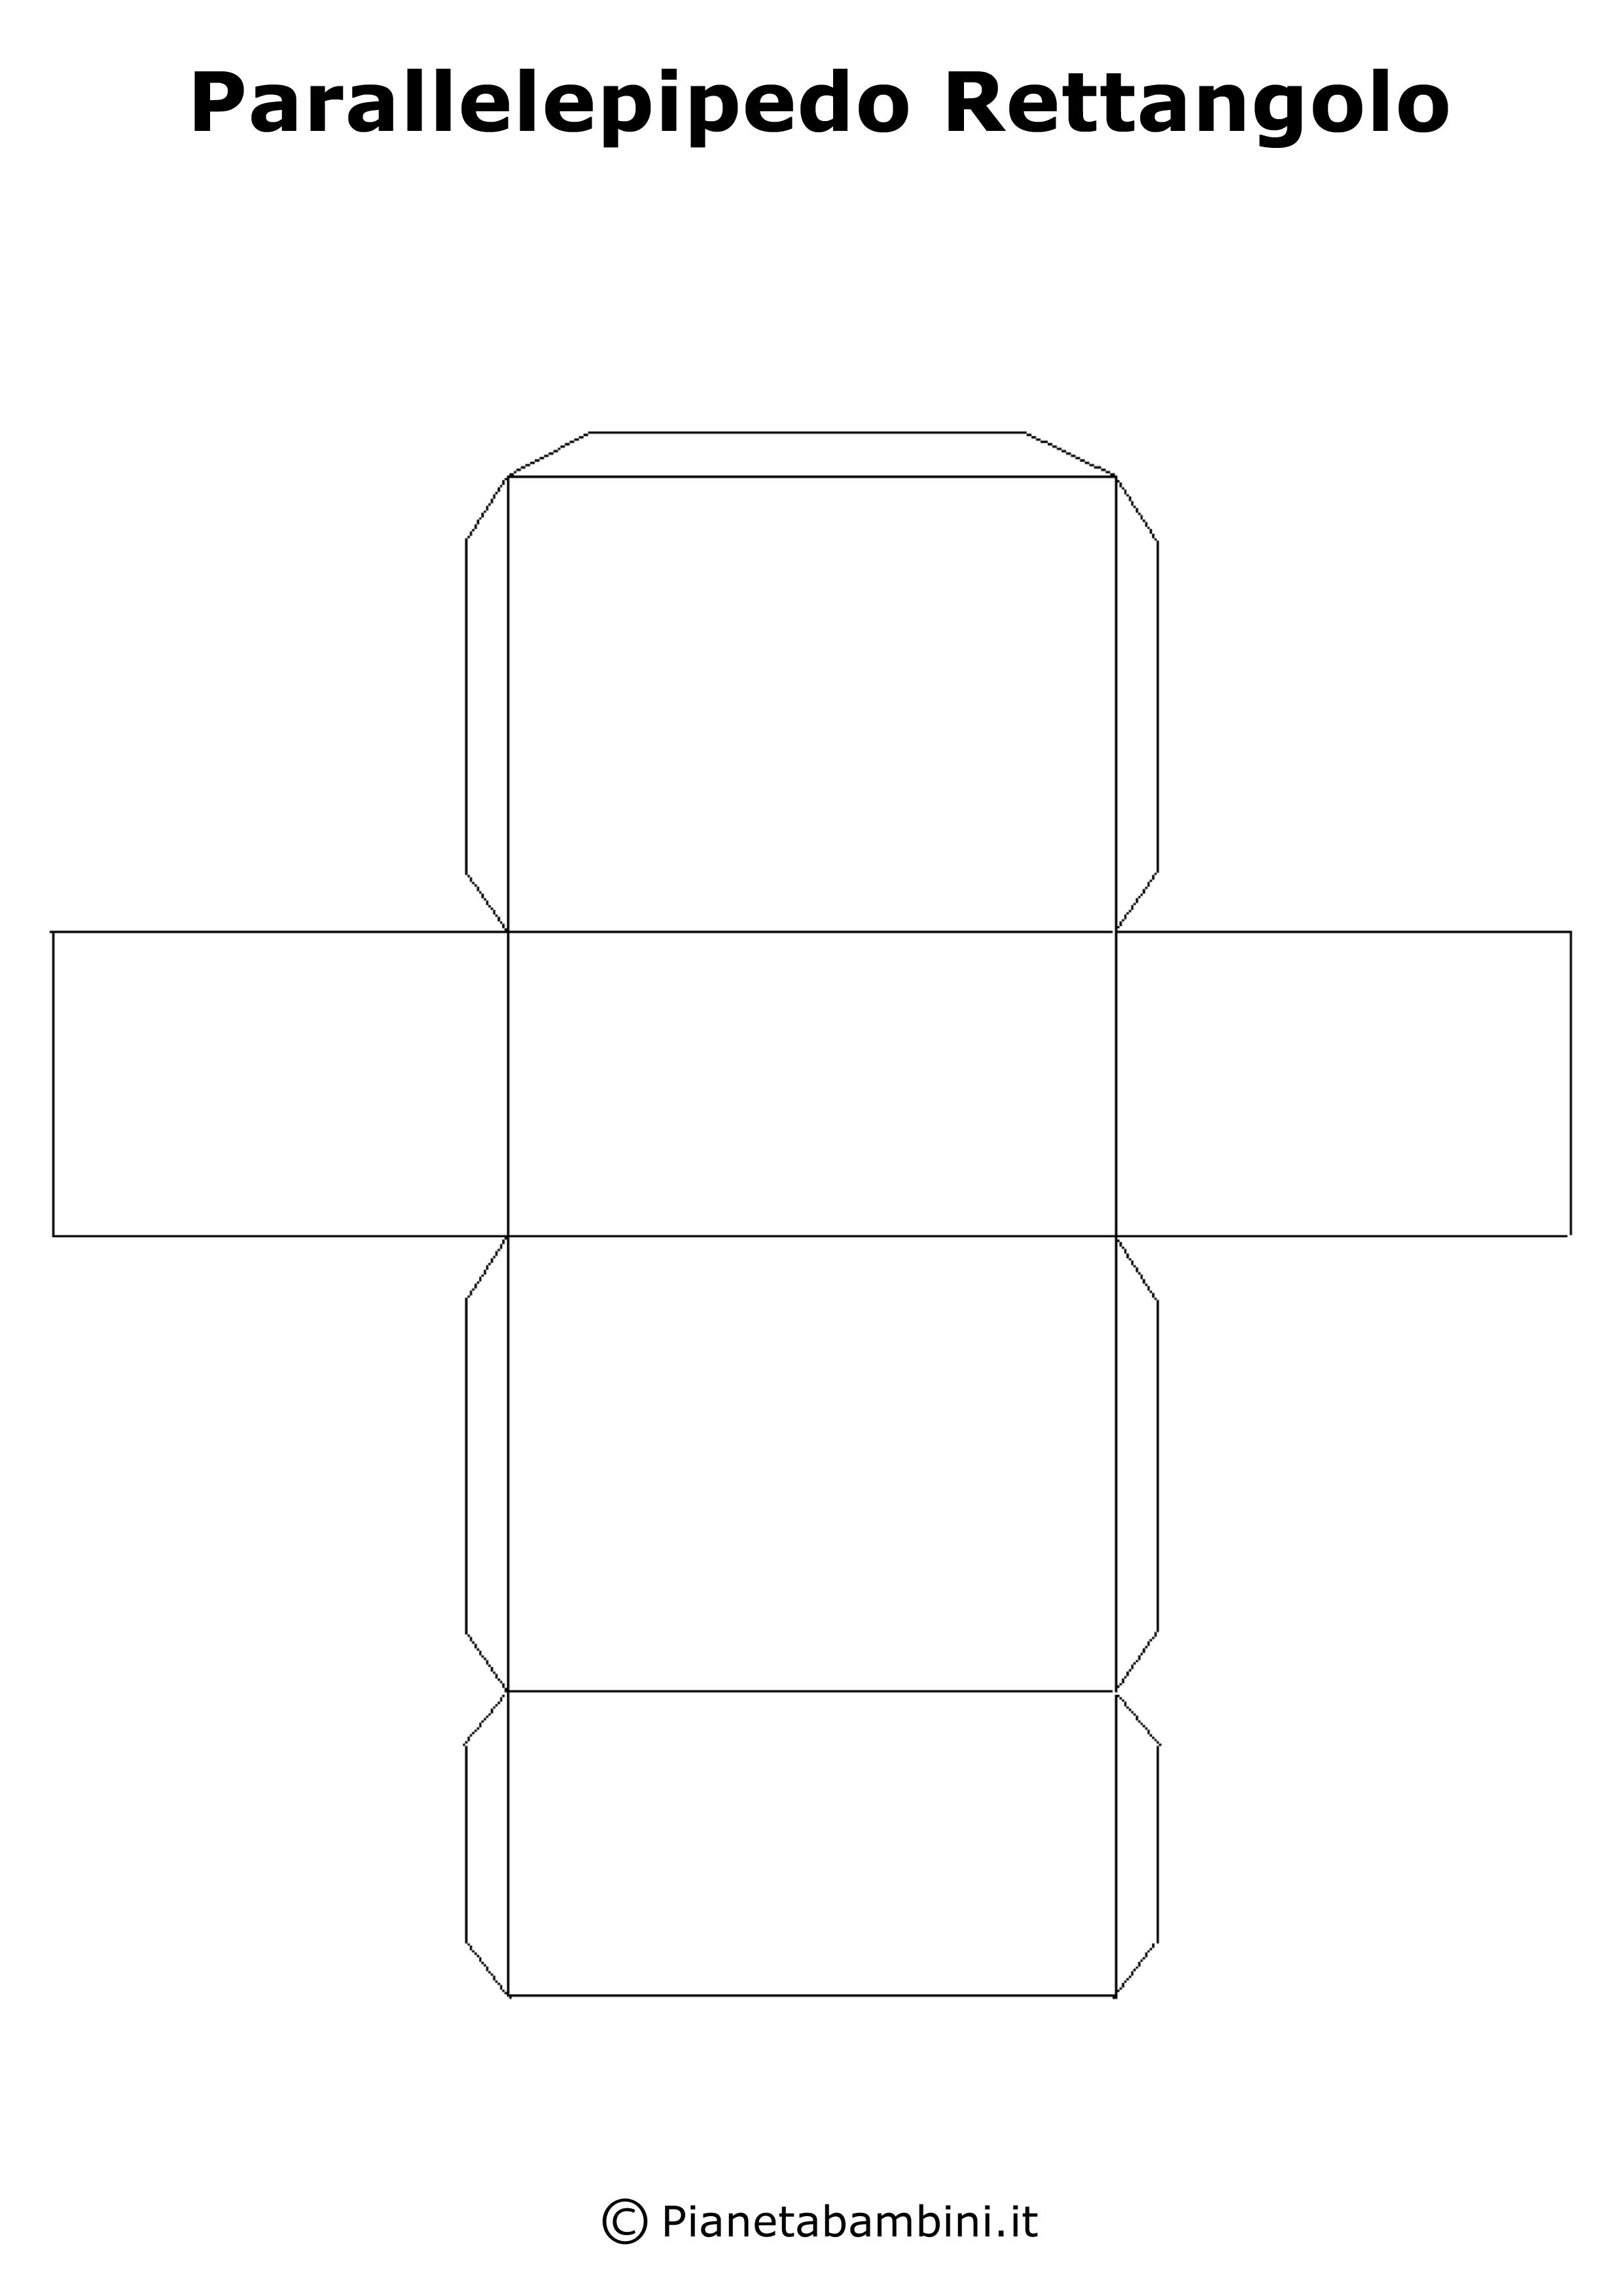 Figure geometriche solide da ritagliare e costruire for Come costruire i passaggi della scatola